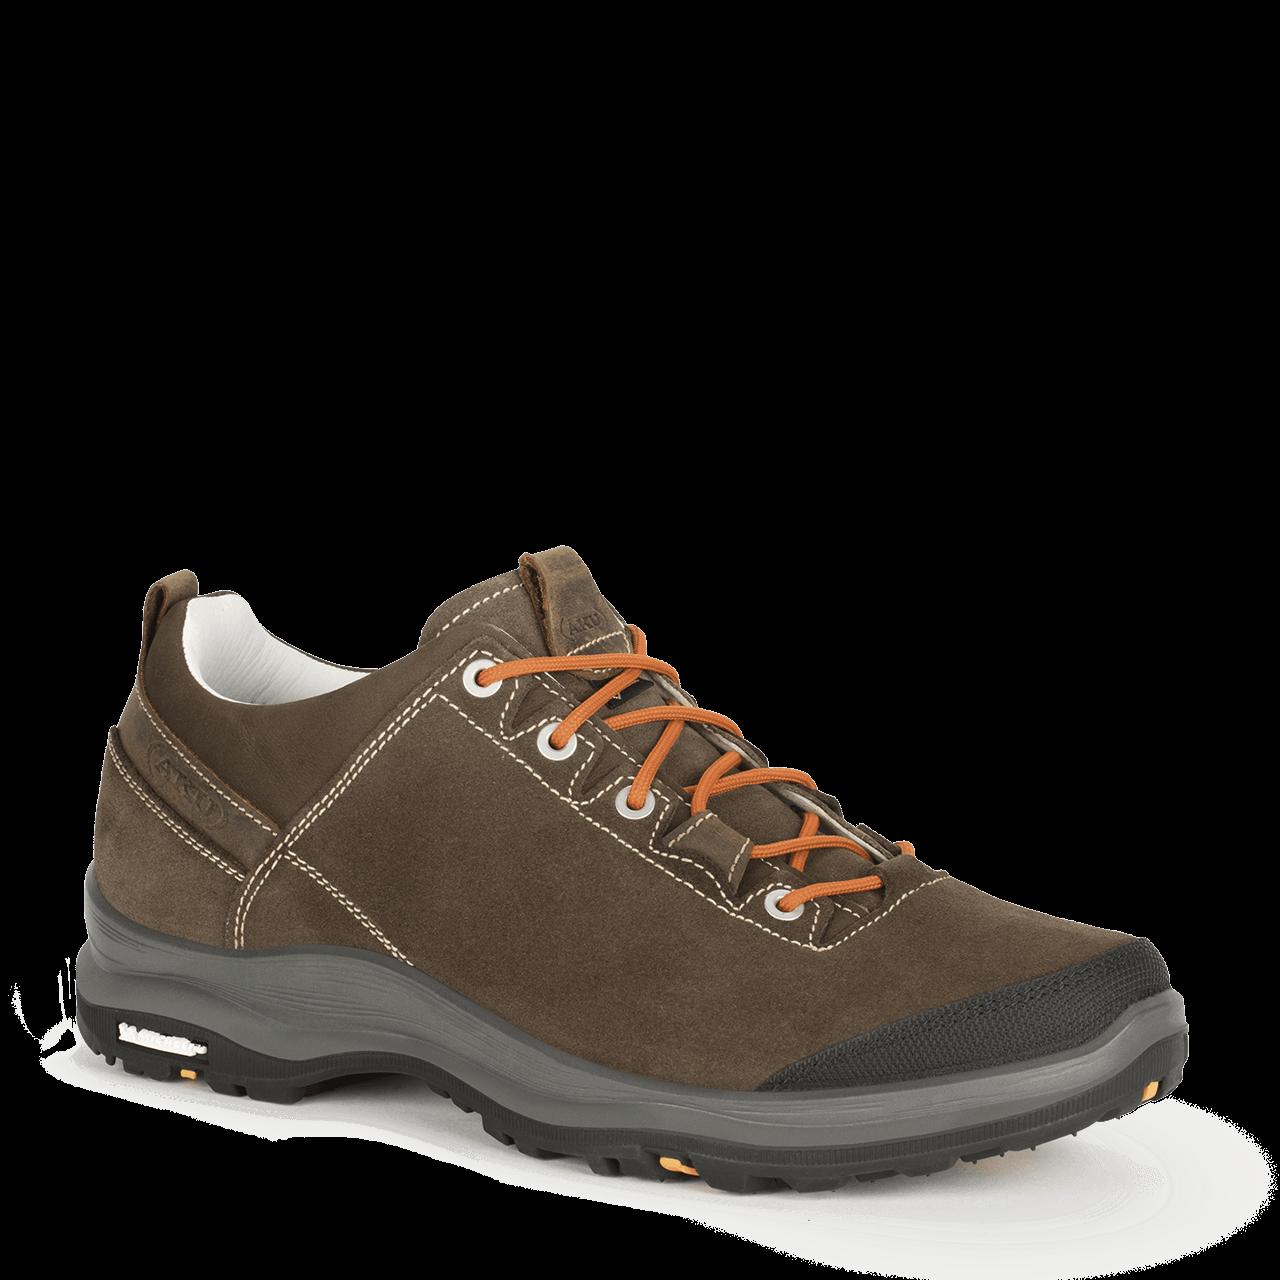 AKU La Val II Low GTX brown Velikost: 43 pánské boty